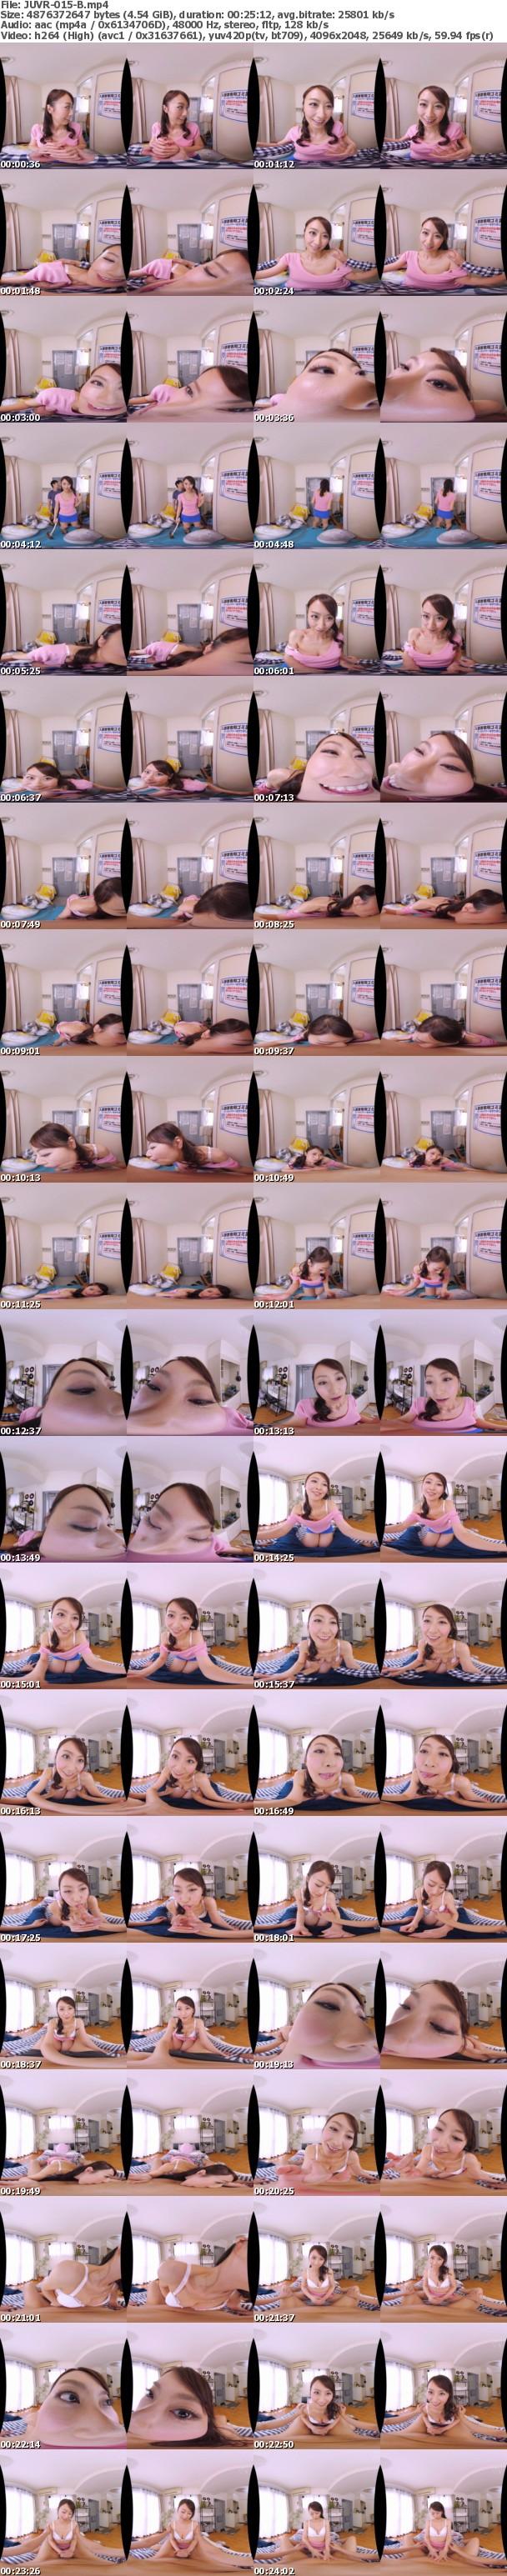 (VR) JUVR-015 マドンナ専属 青木玲 MadonnaVR初登場!! 無自覚ボディタッチをしてくる隣の奥さんといつの間にか身体を密着させて唾液をダラダラ垂らしながら舌を激しく絡め合うベロチューSEXをしてしまった